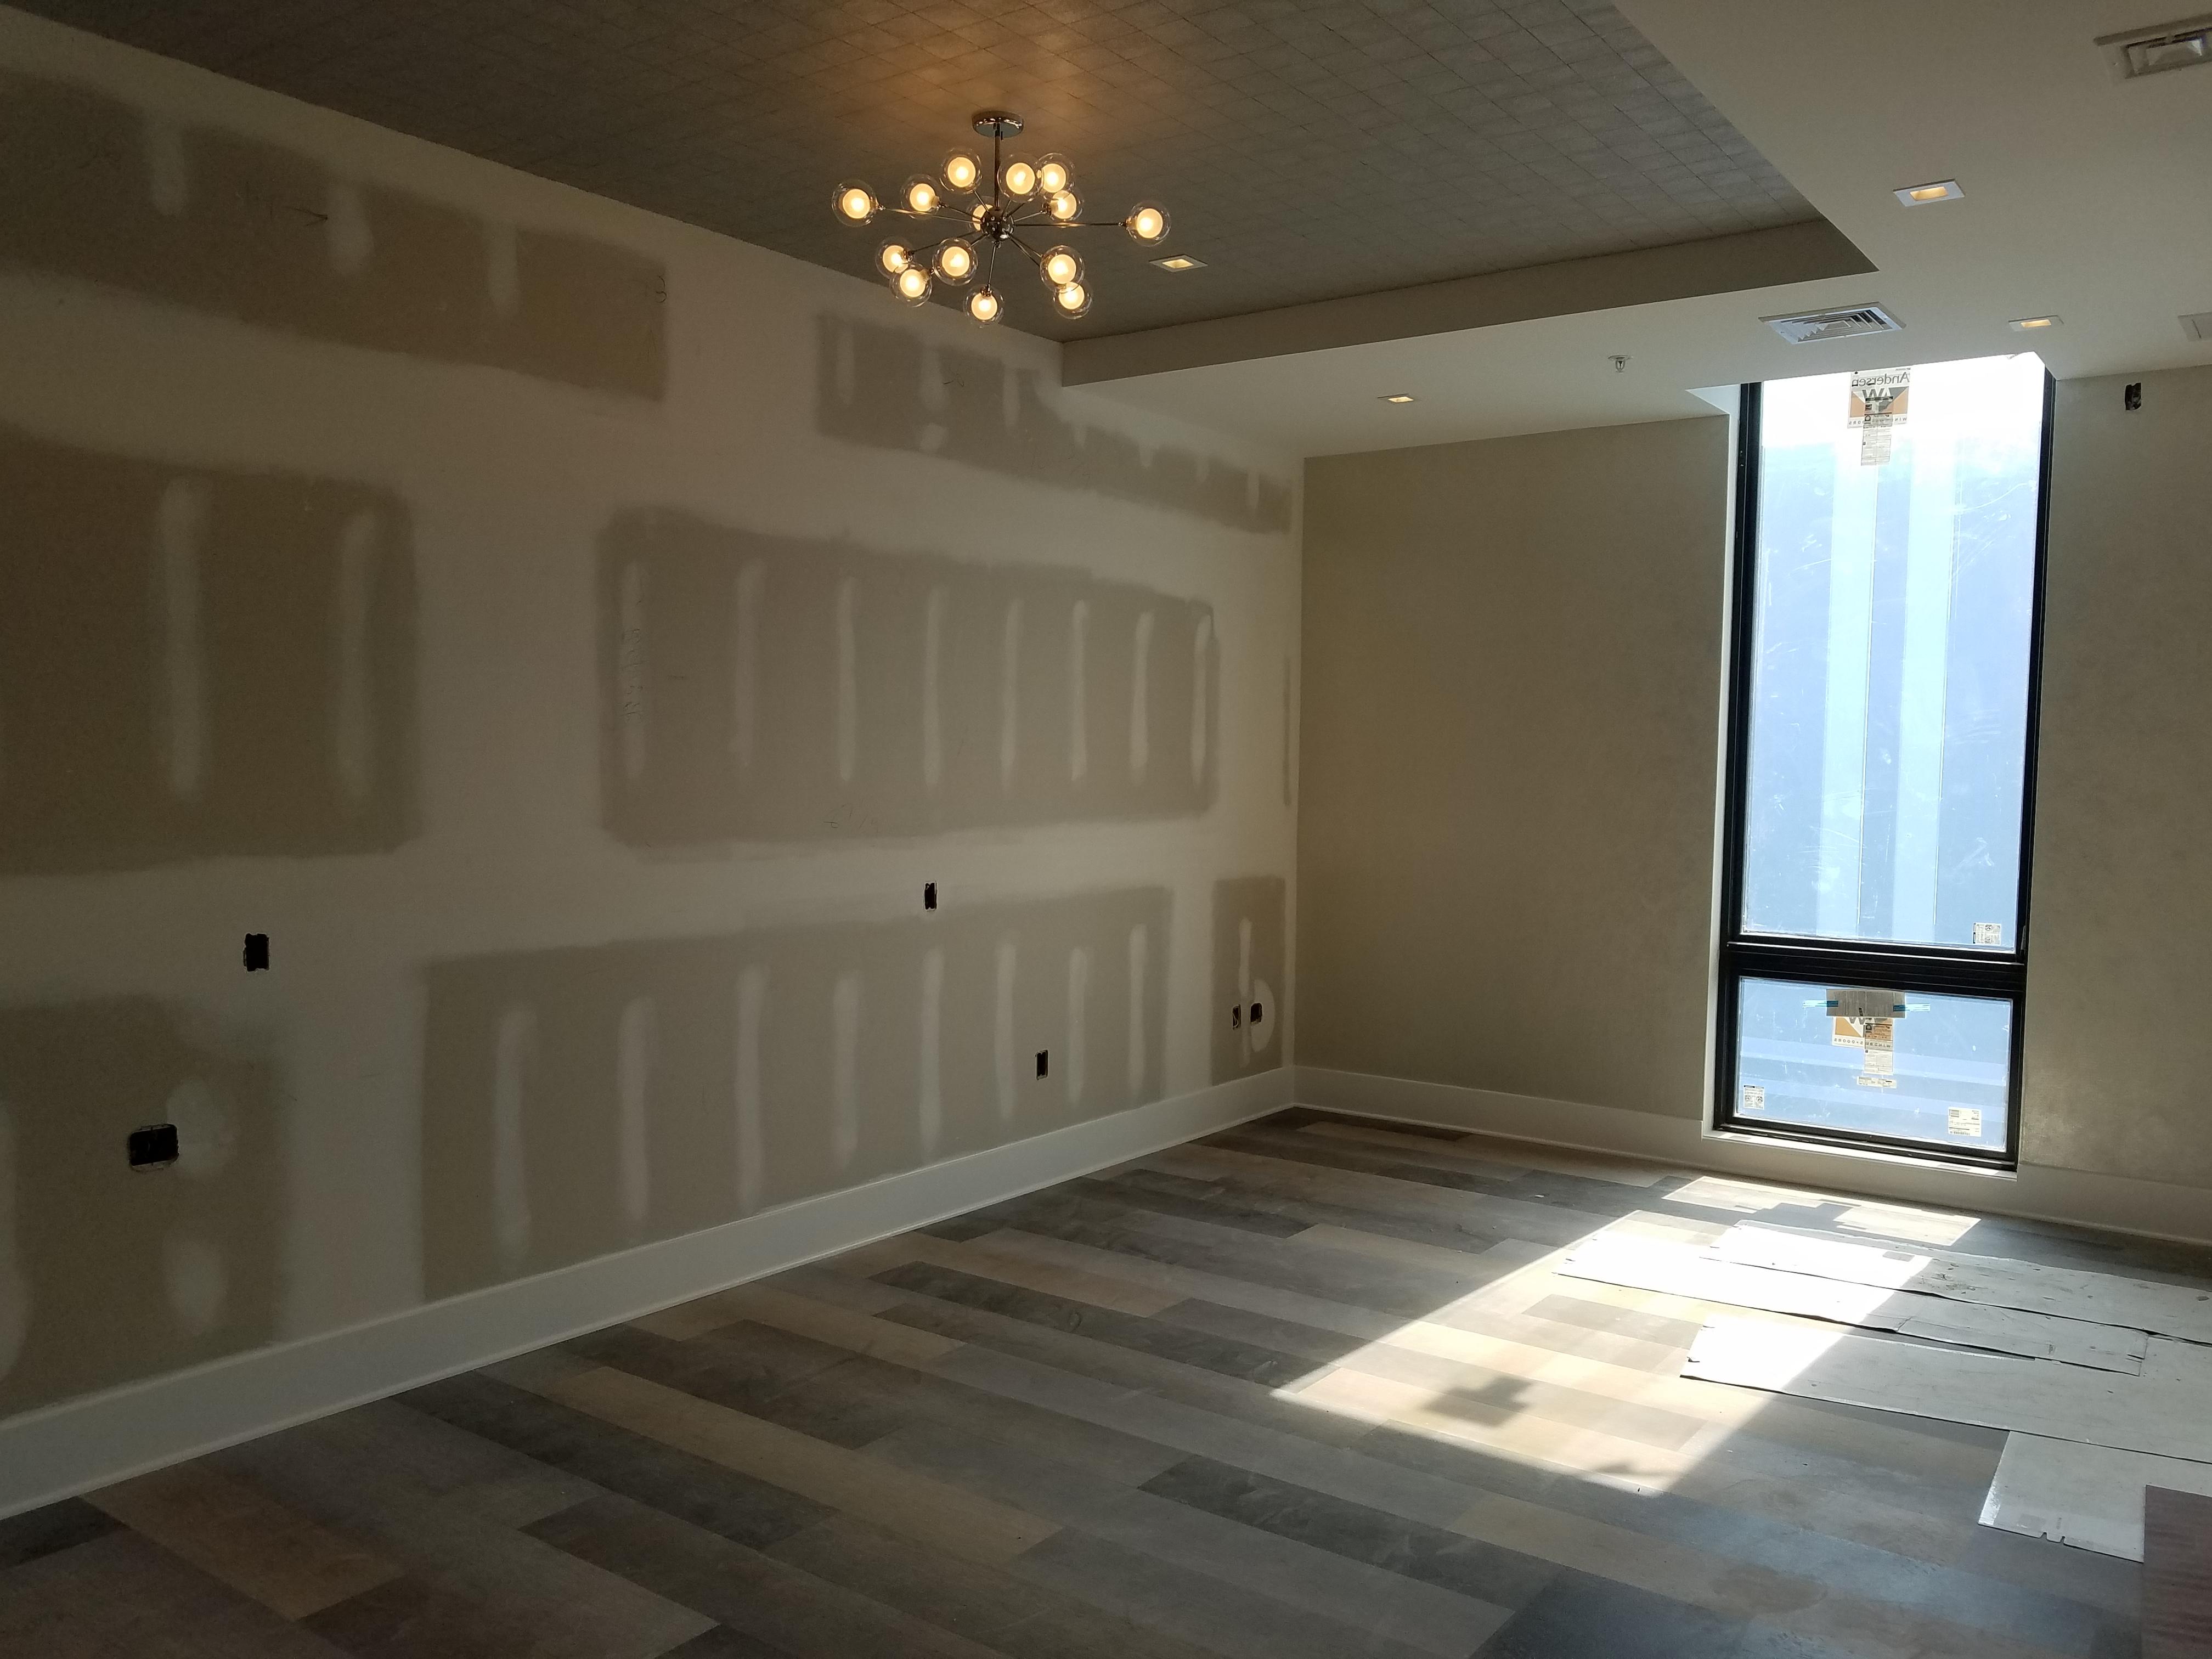 Penthouse in progress